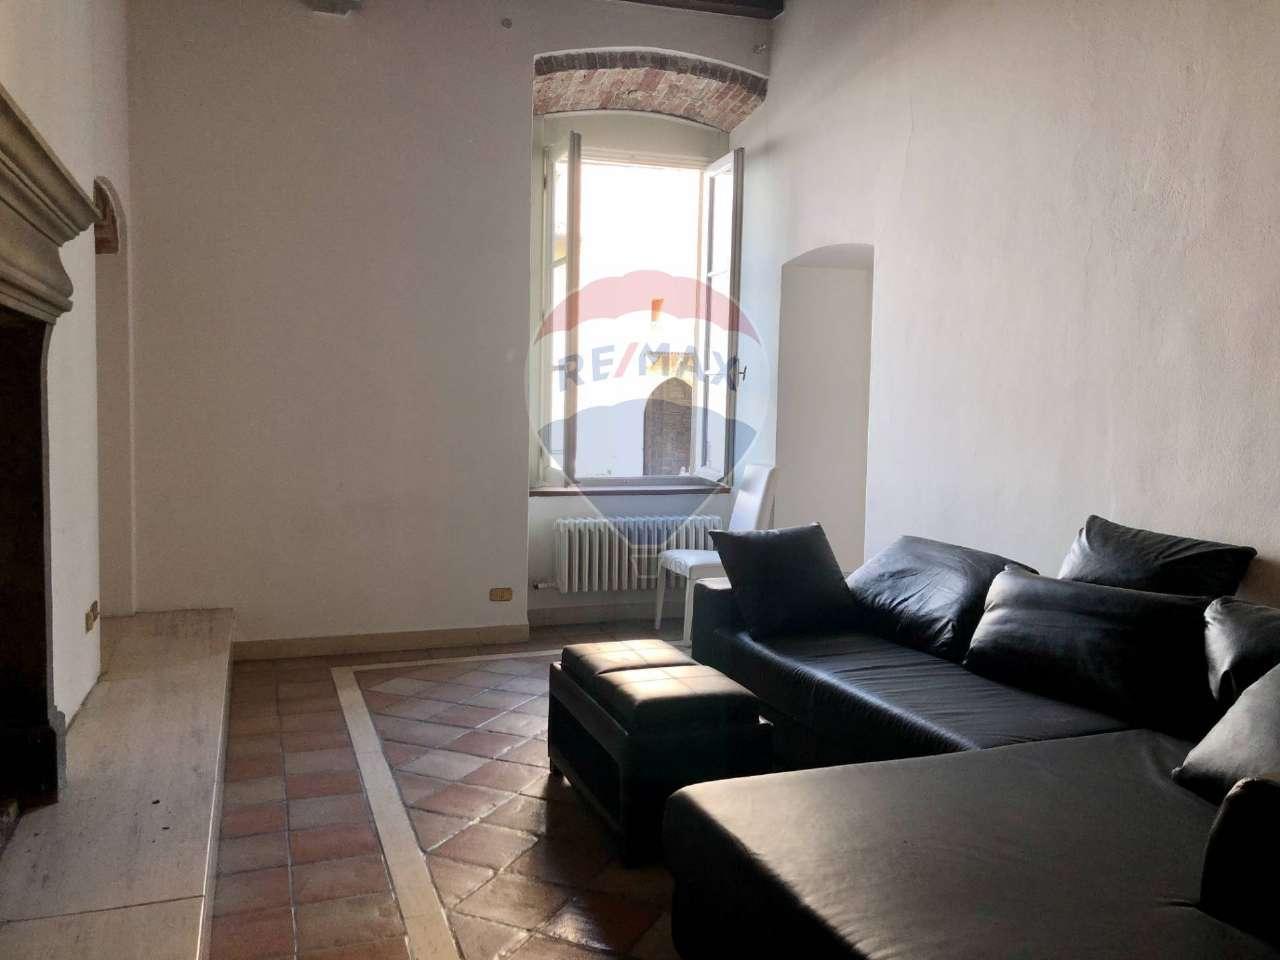 Appartamento in affitto a Bergamo, 3 locali, prezzo € 1.250 | PortaleAgenzieImmobiliari.it